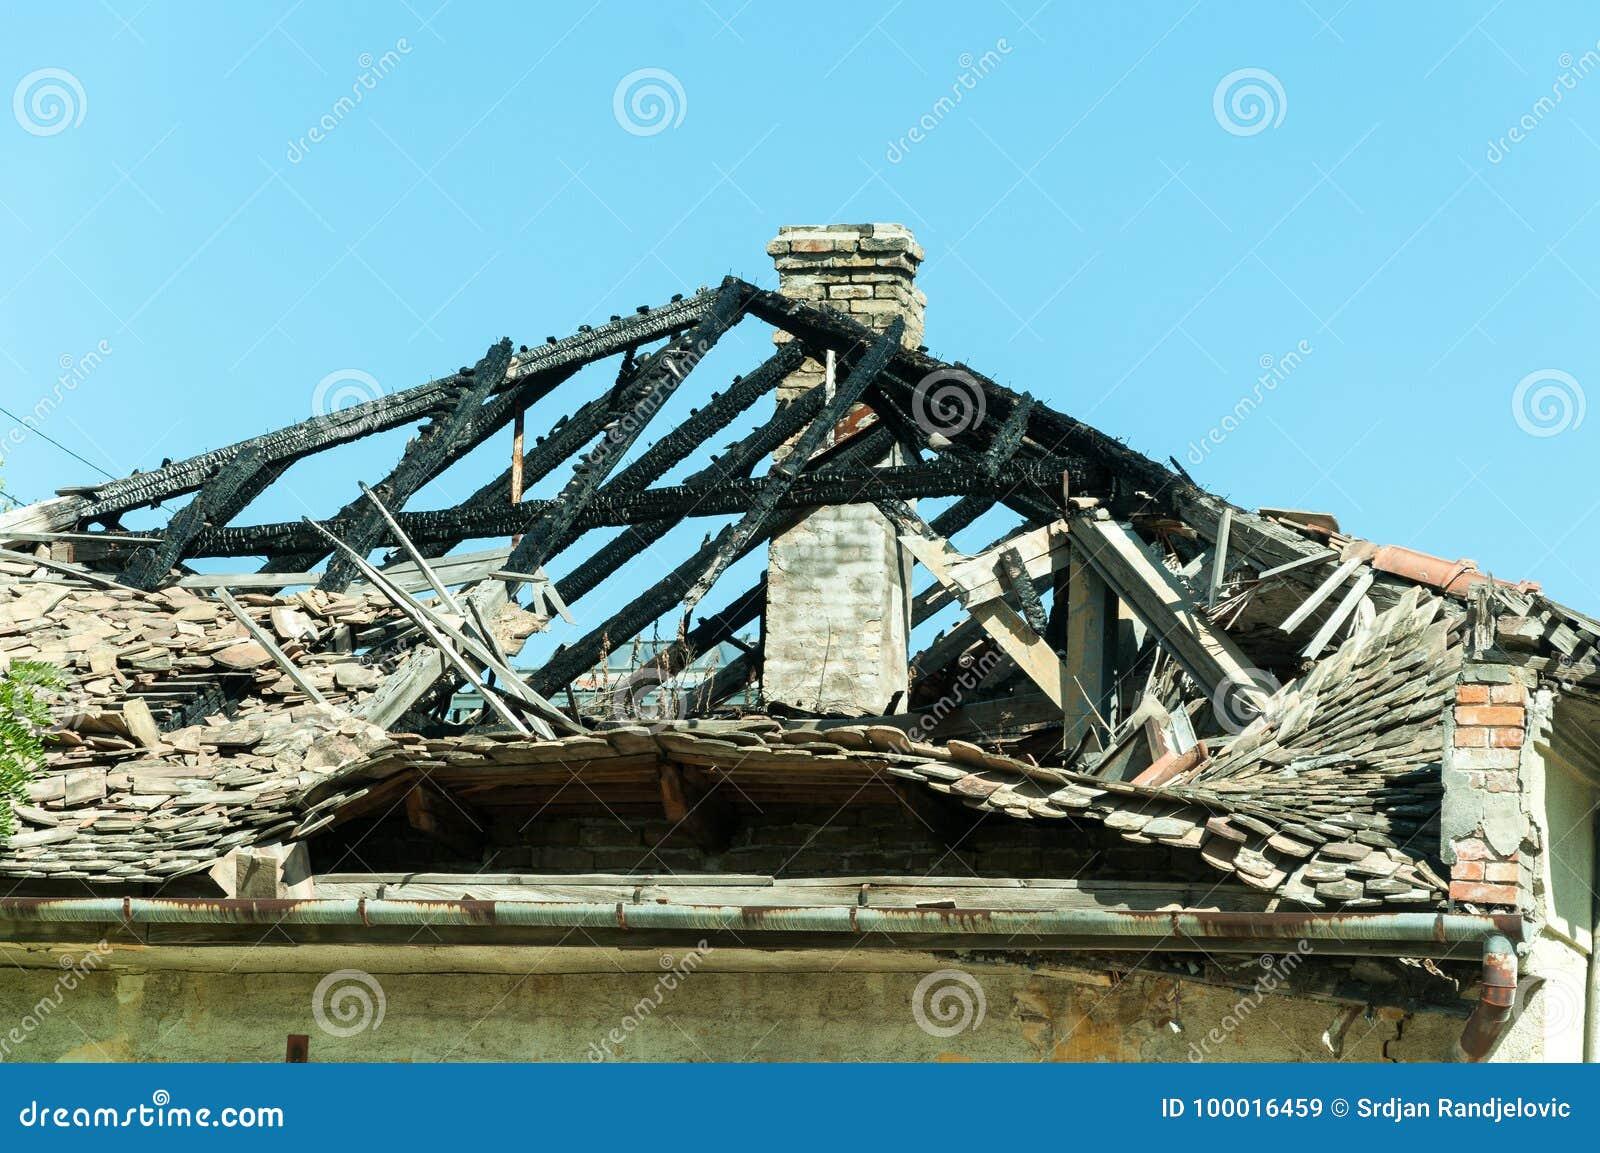 El tejado quemado de la casa civil abandonada en Ucrania del este dañó por la explosión de la granada en la zona de guerra